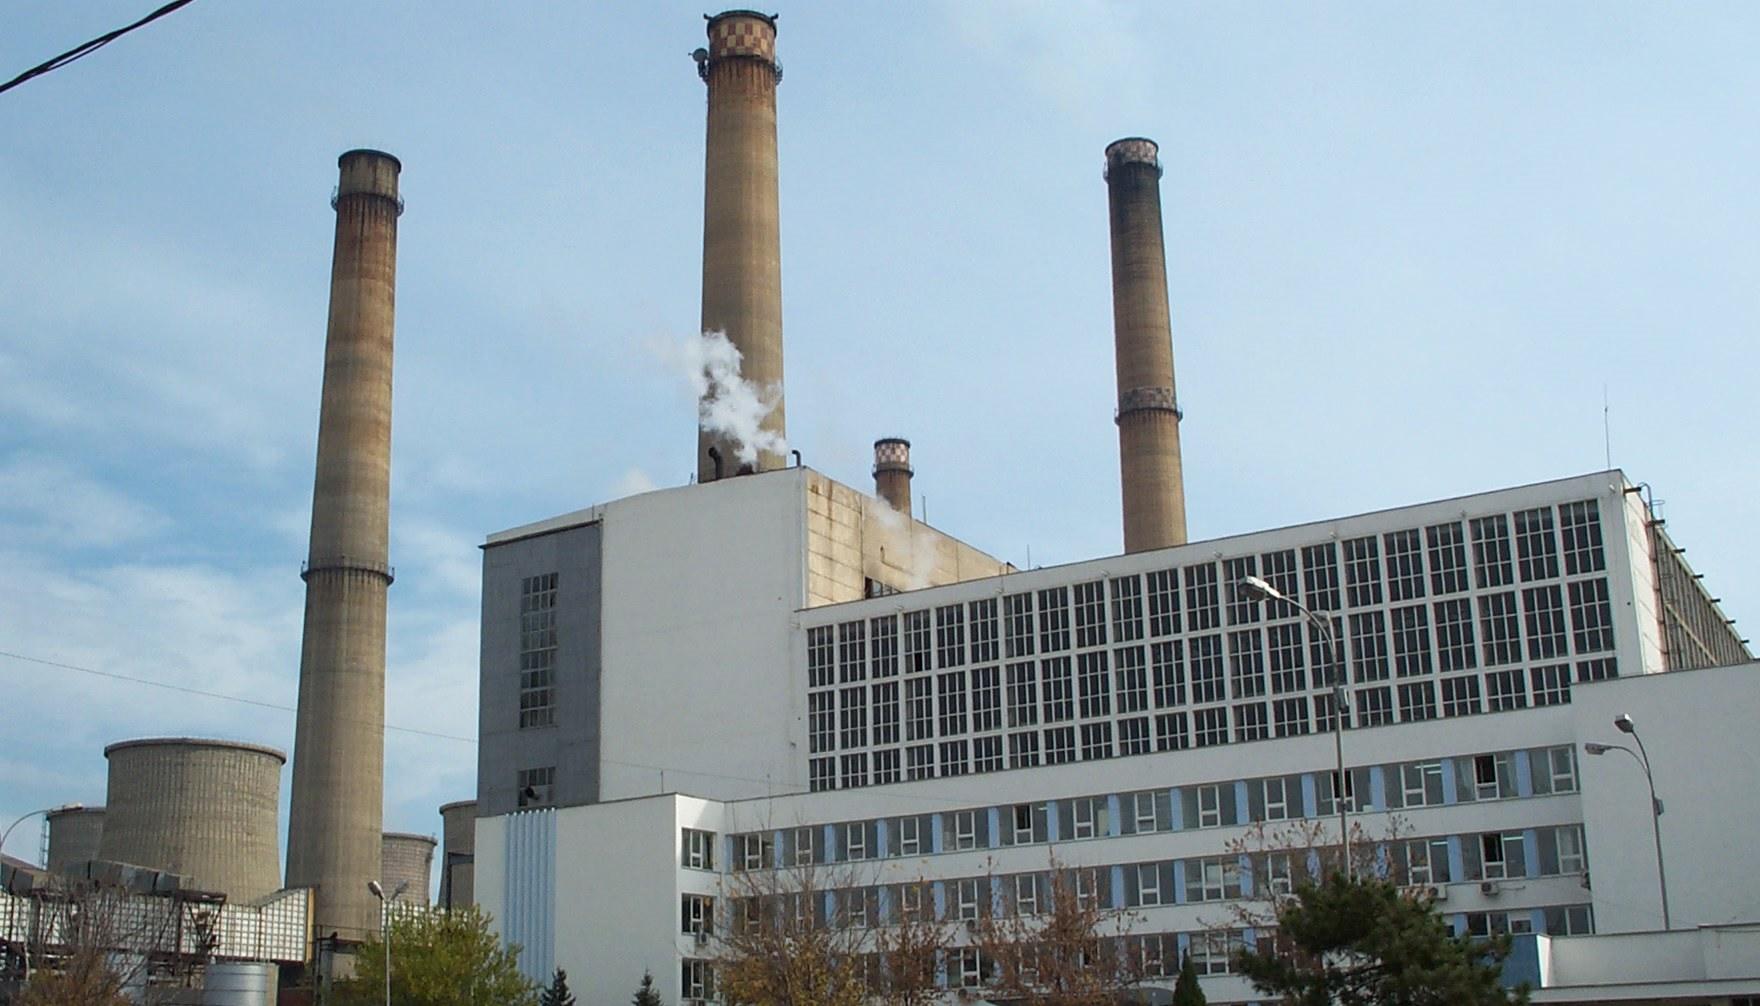 ELCEN tatoneaza investitii de peste 200 milioane euro, pentru a construi un grup energetic nou